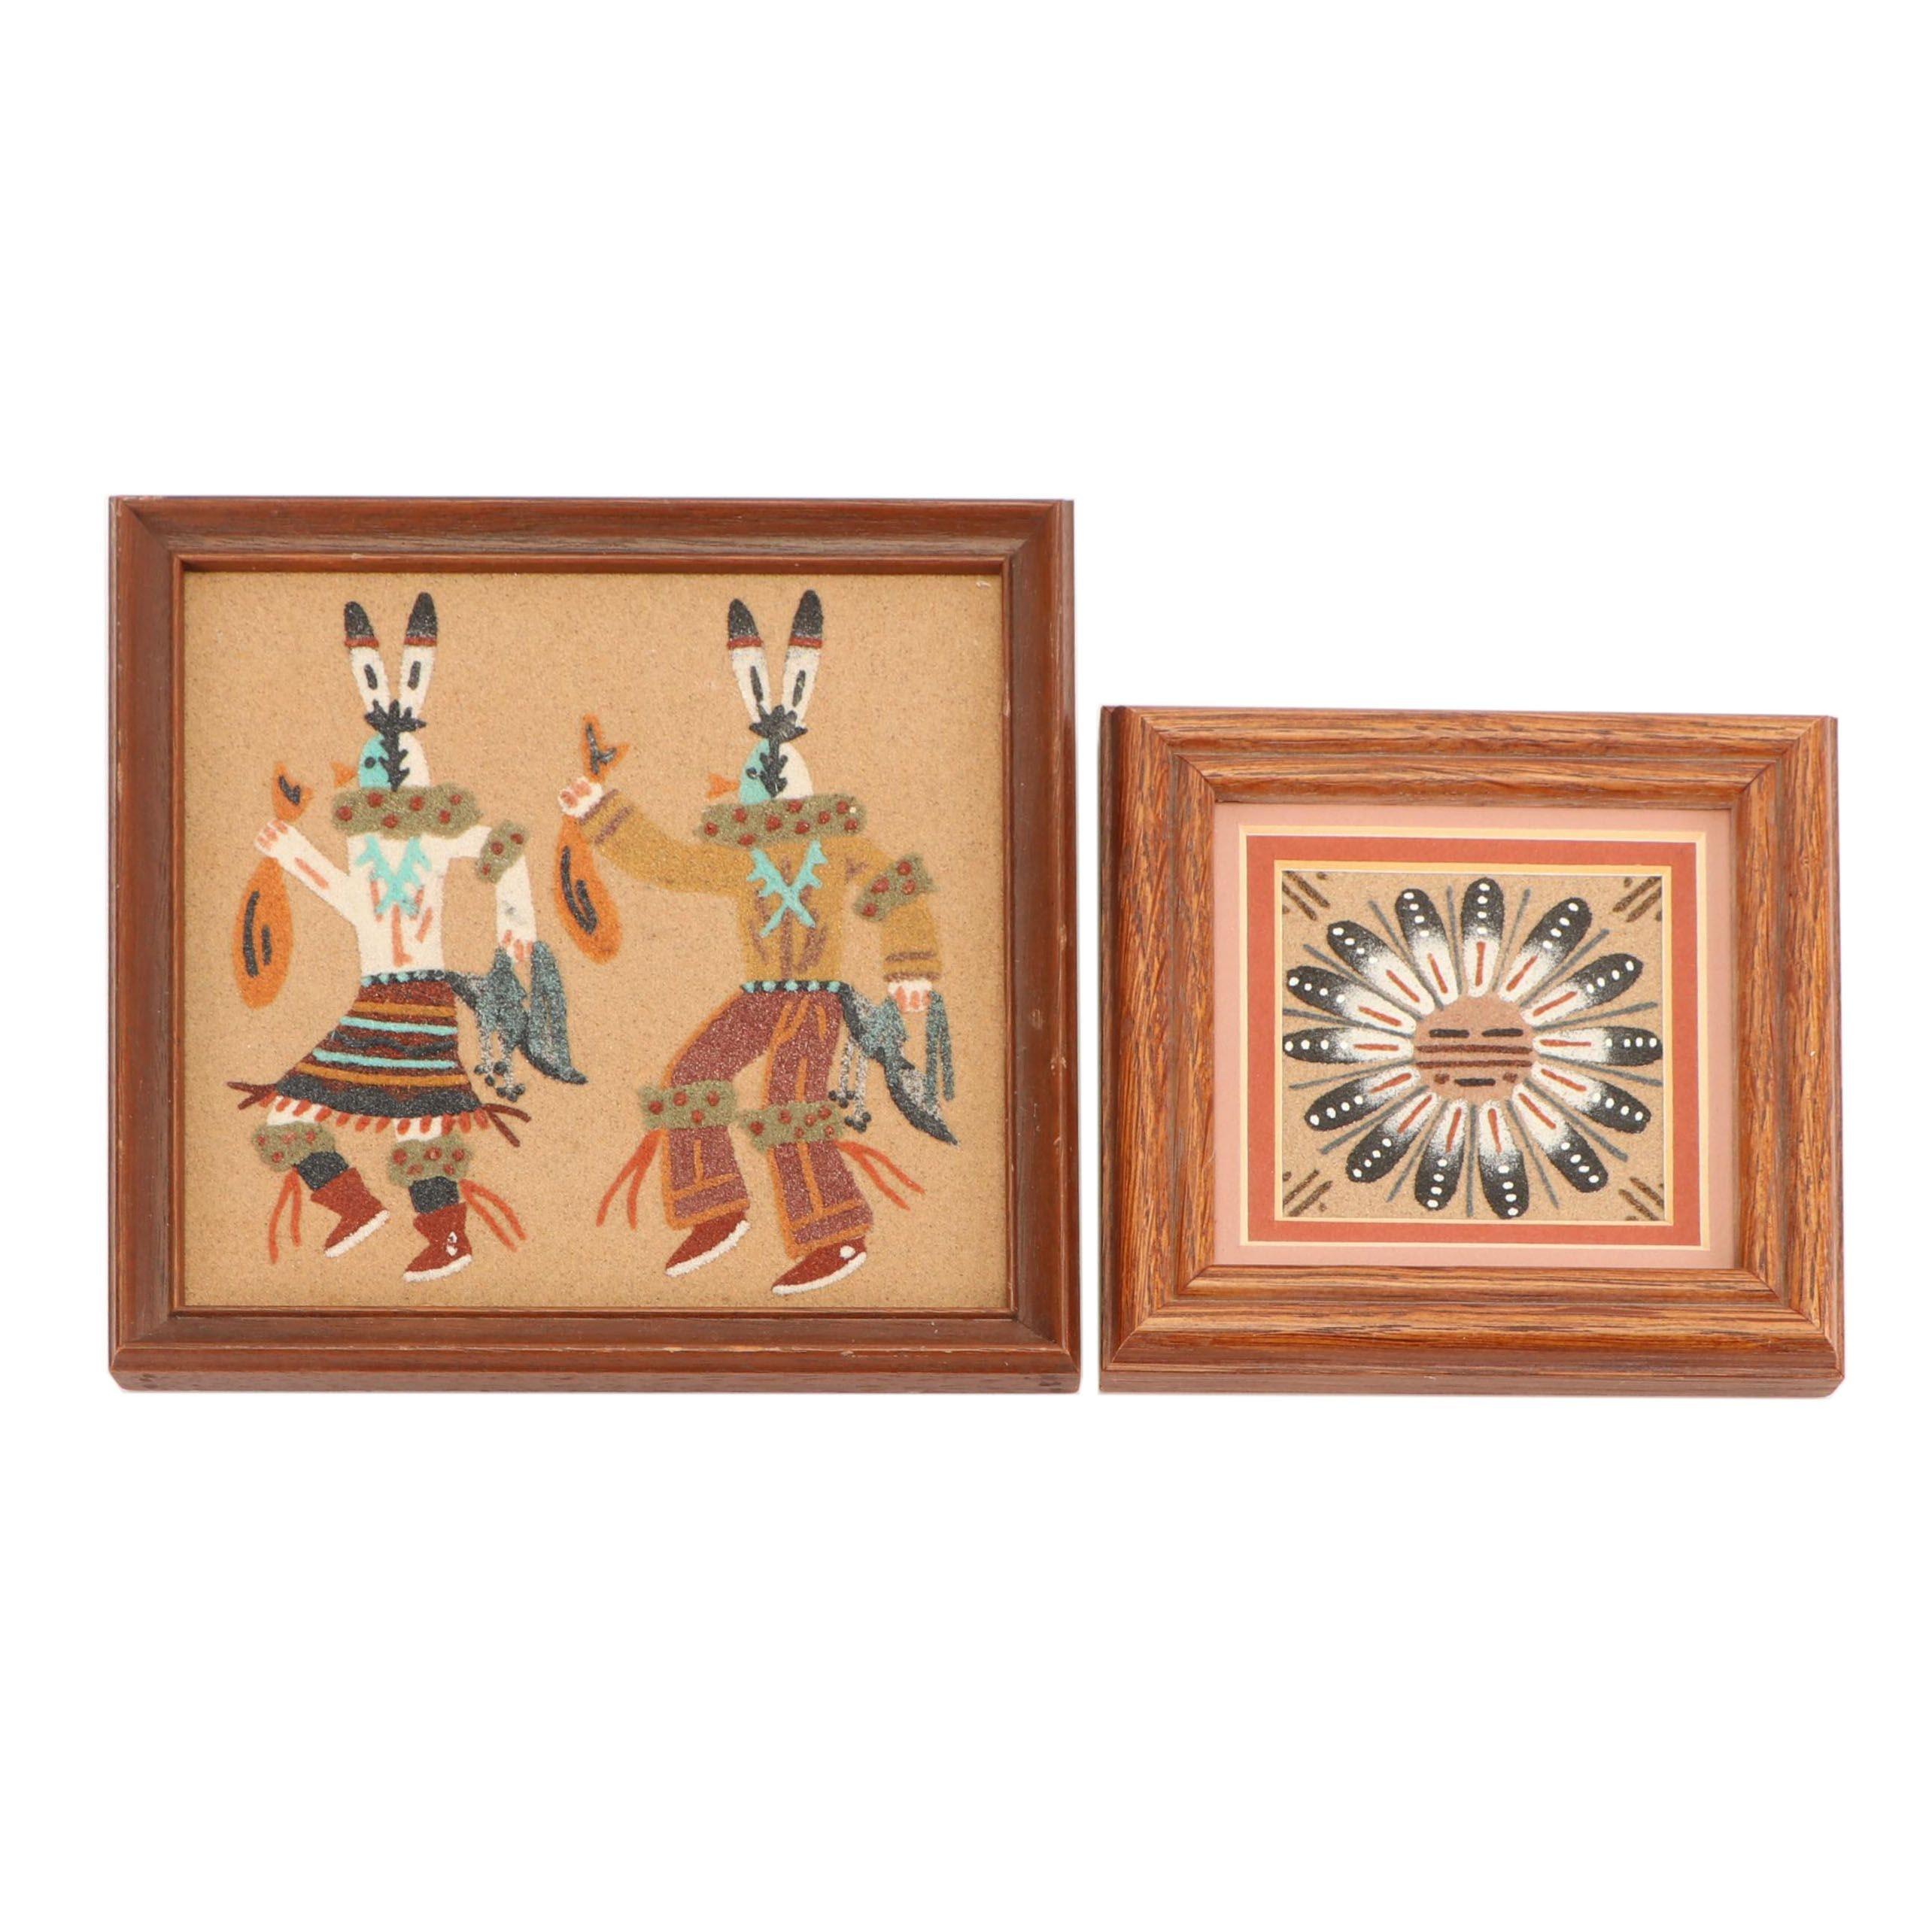 Framed Pair of Navajo Sand-paintings